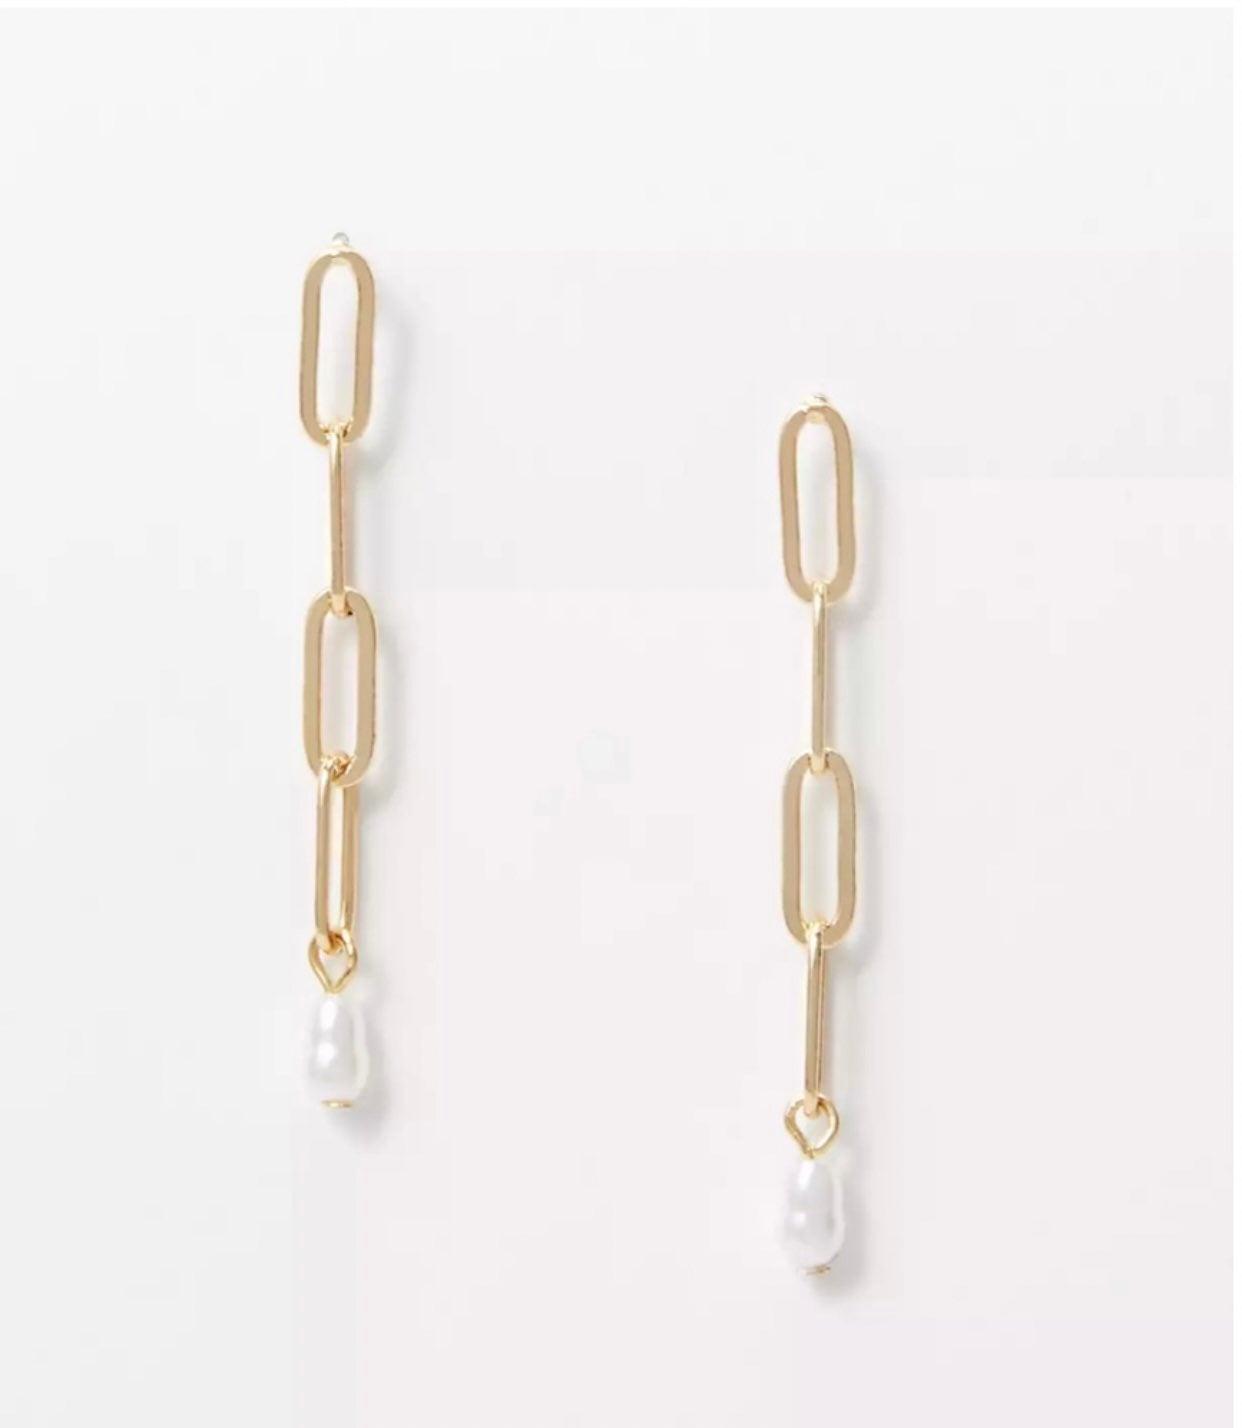 LOFT earring